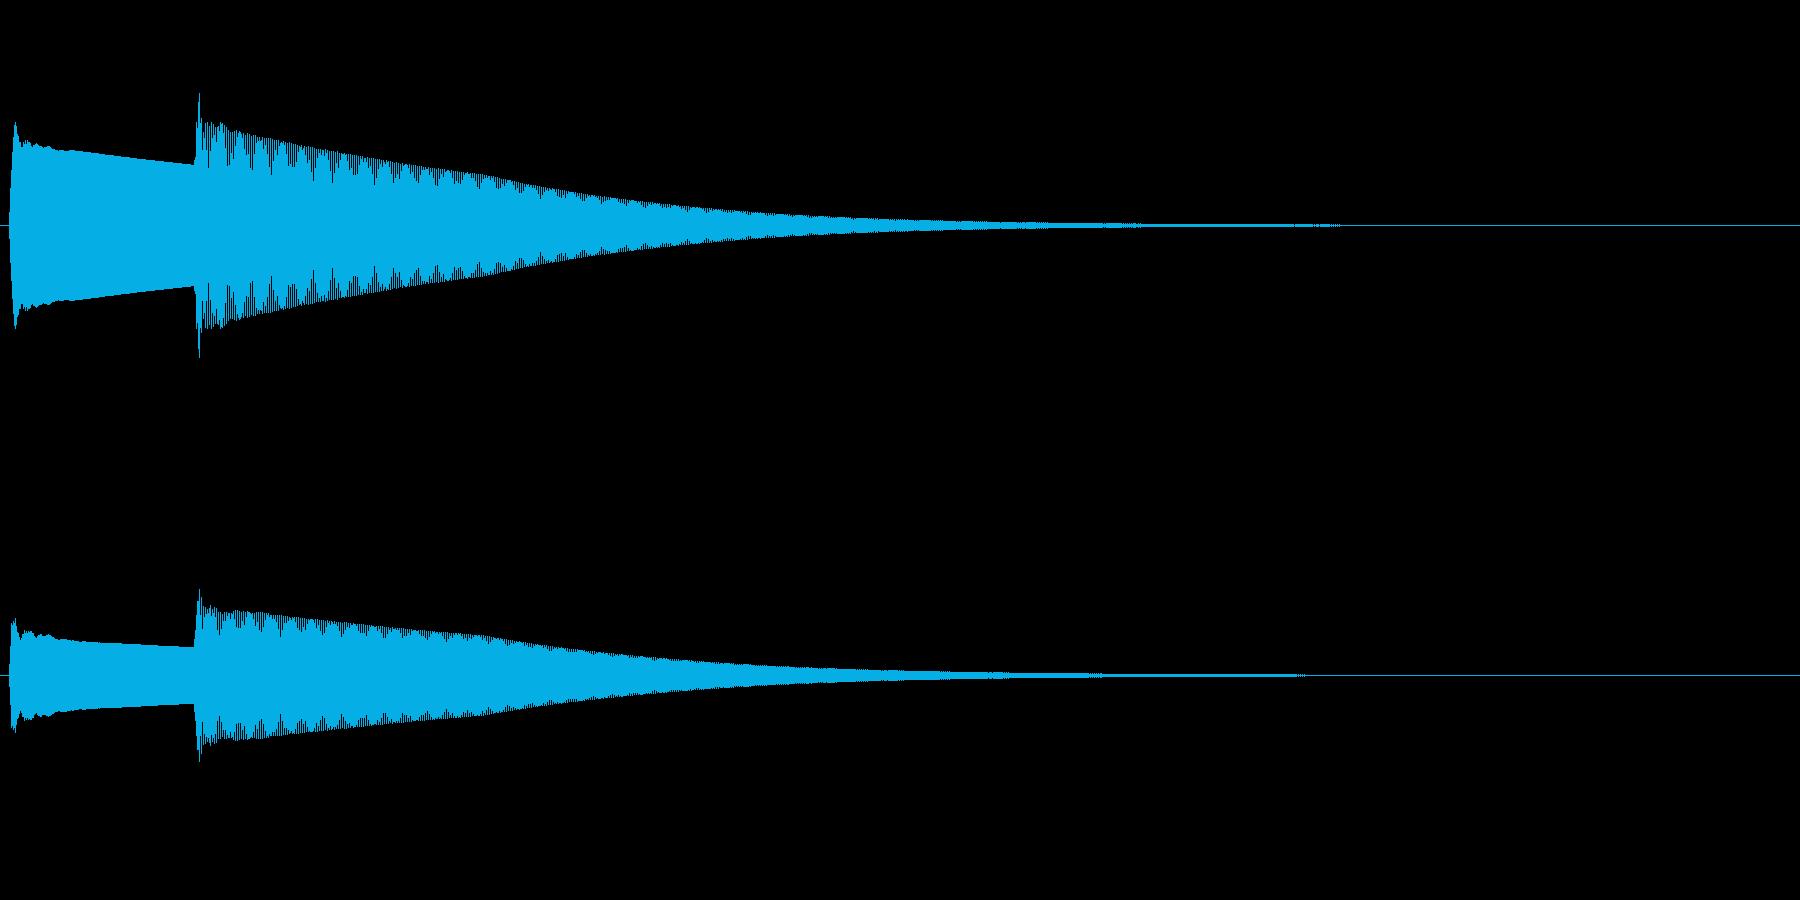 ぴーんぽーん/玄関のインターホン綺麗な音の再生済みの波形